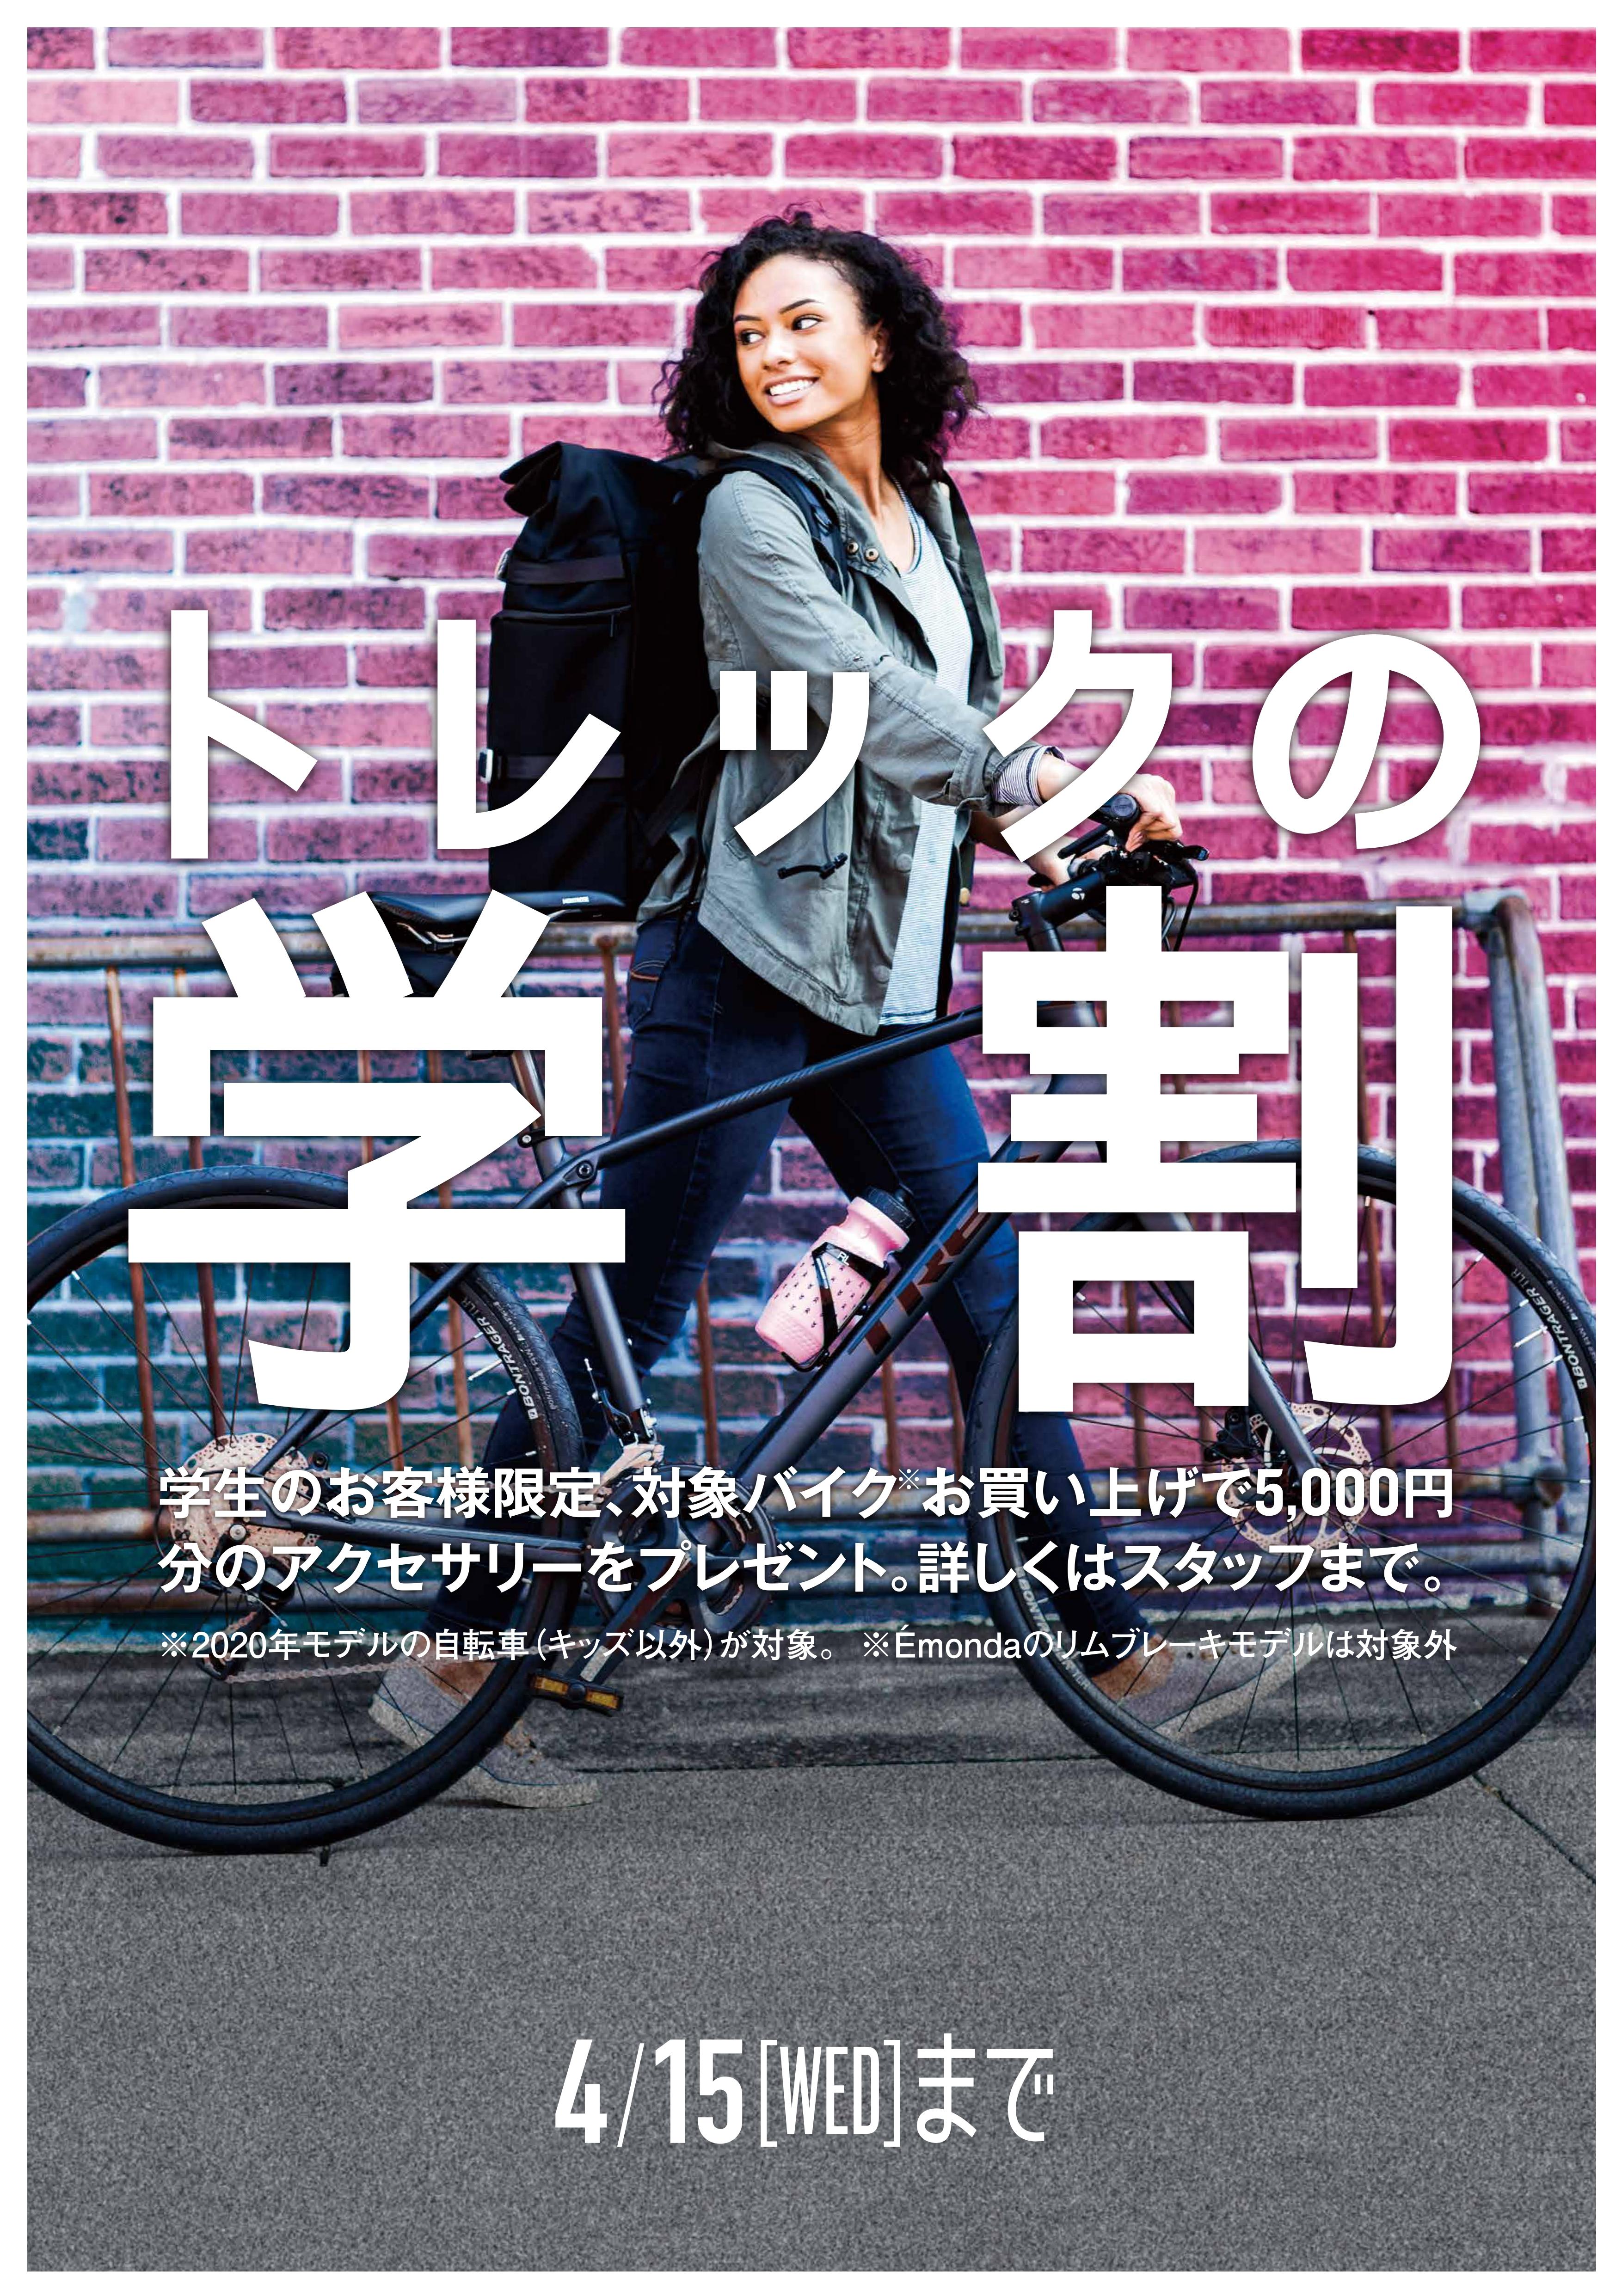 トレック『学割』キャンペーン|25歳以下の学生でスポーツバイクをお探しの方は一条サイクルへ